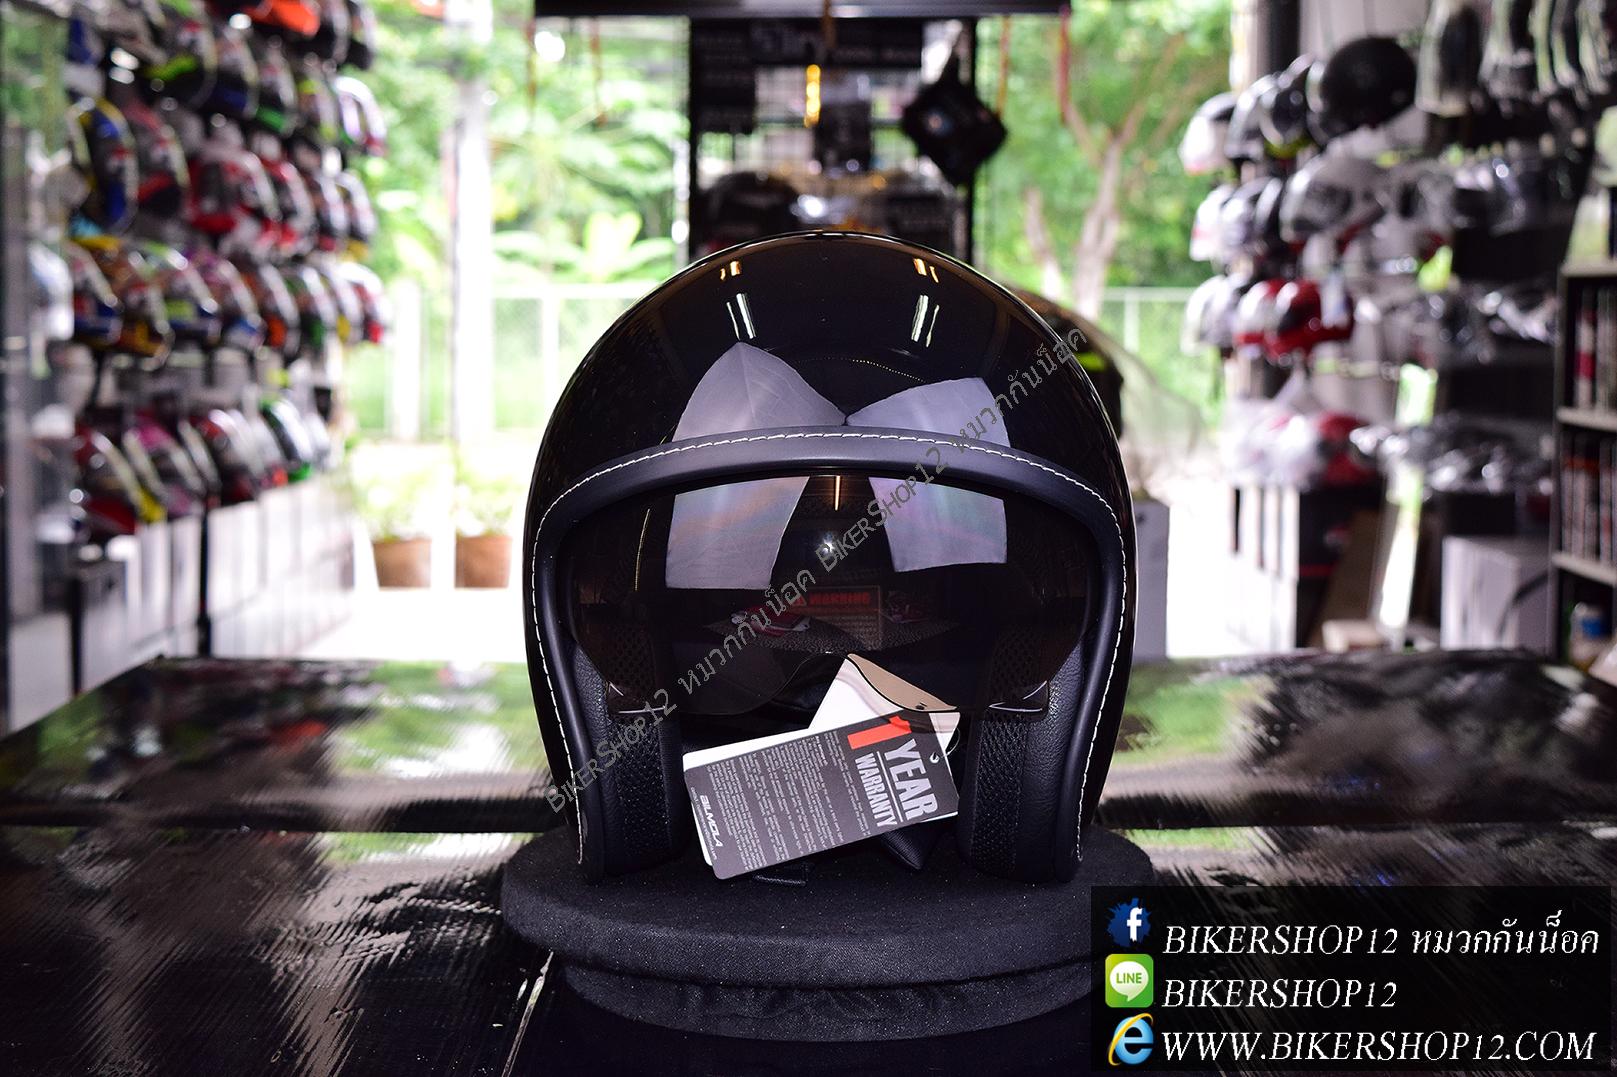 หมวกกันน็อคBilmola Voyager สีดำเงา